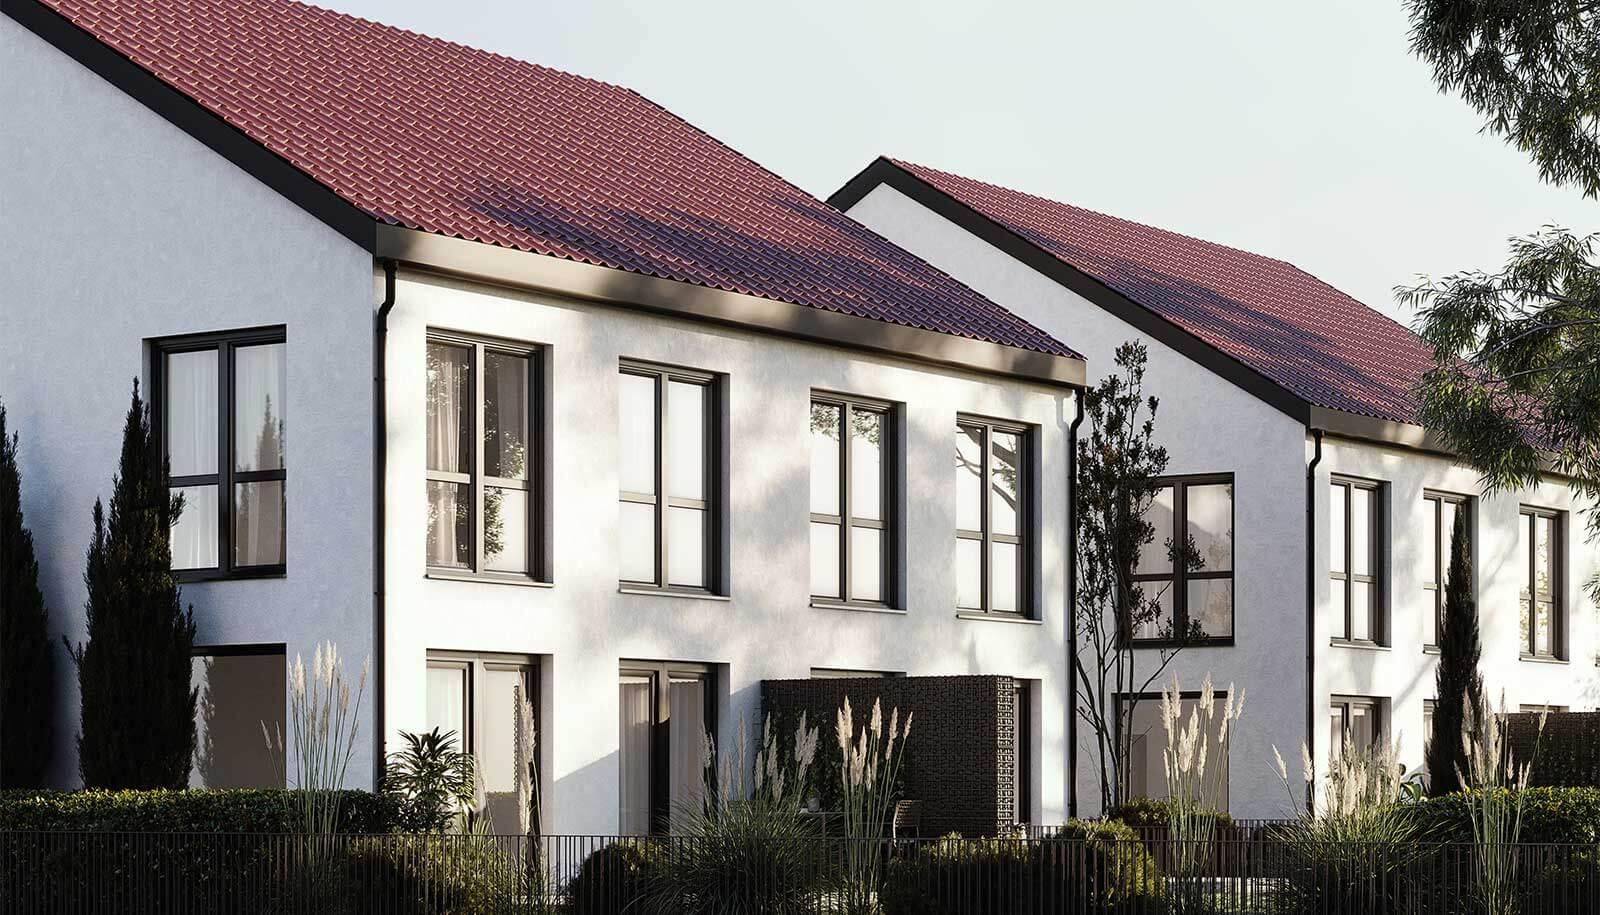 DOMUS Fuggerhäuser | DOMUS Regioimmobilien